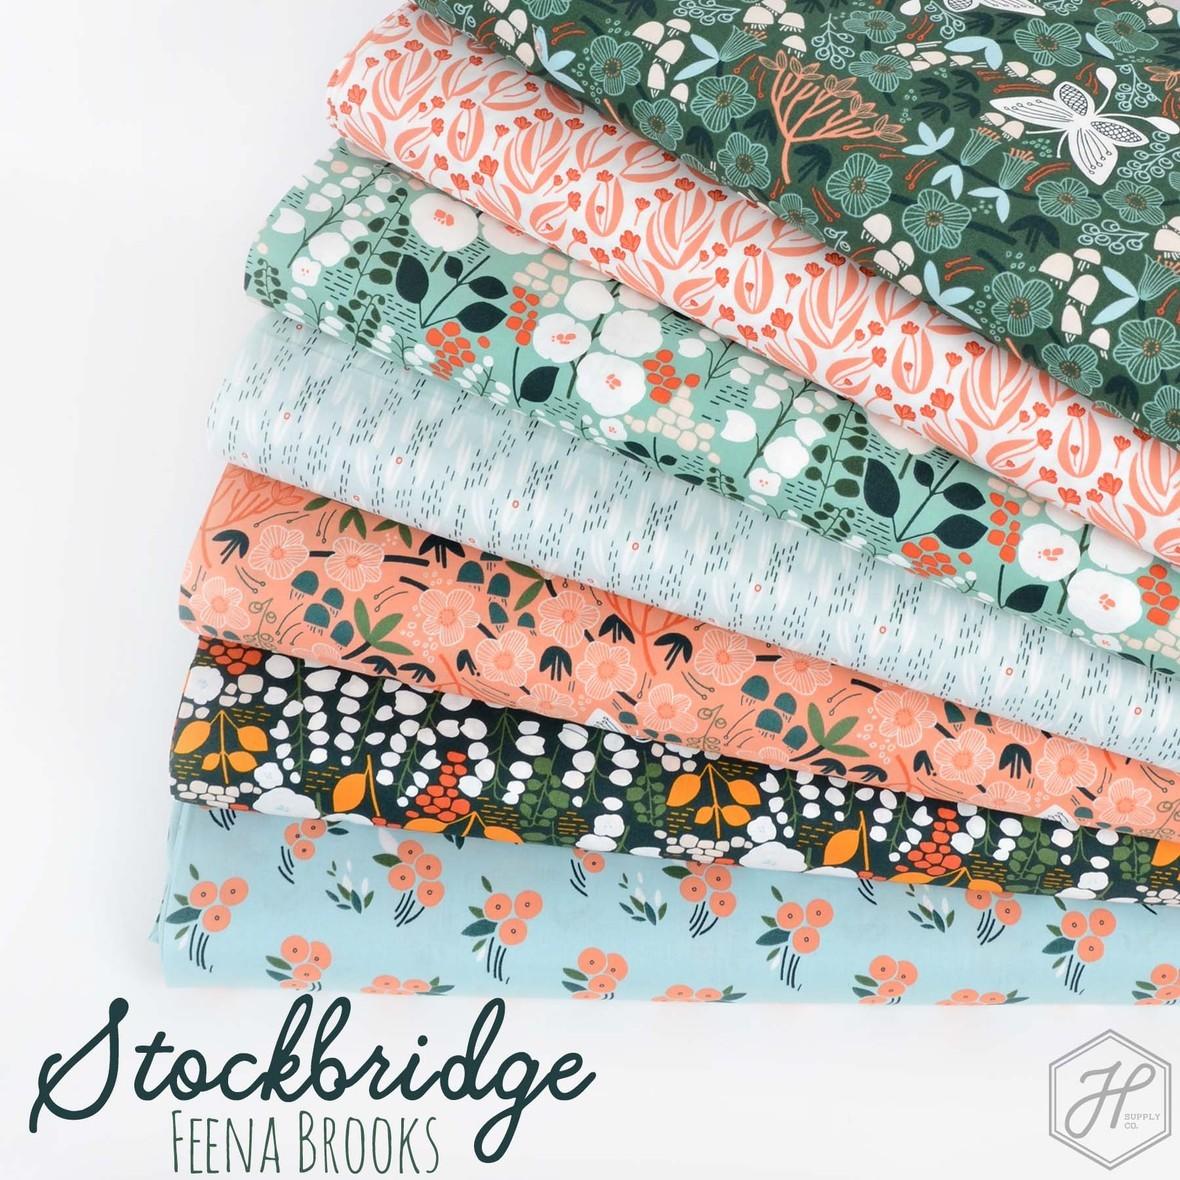 Stockbridge